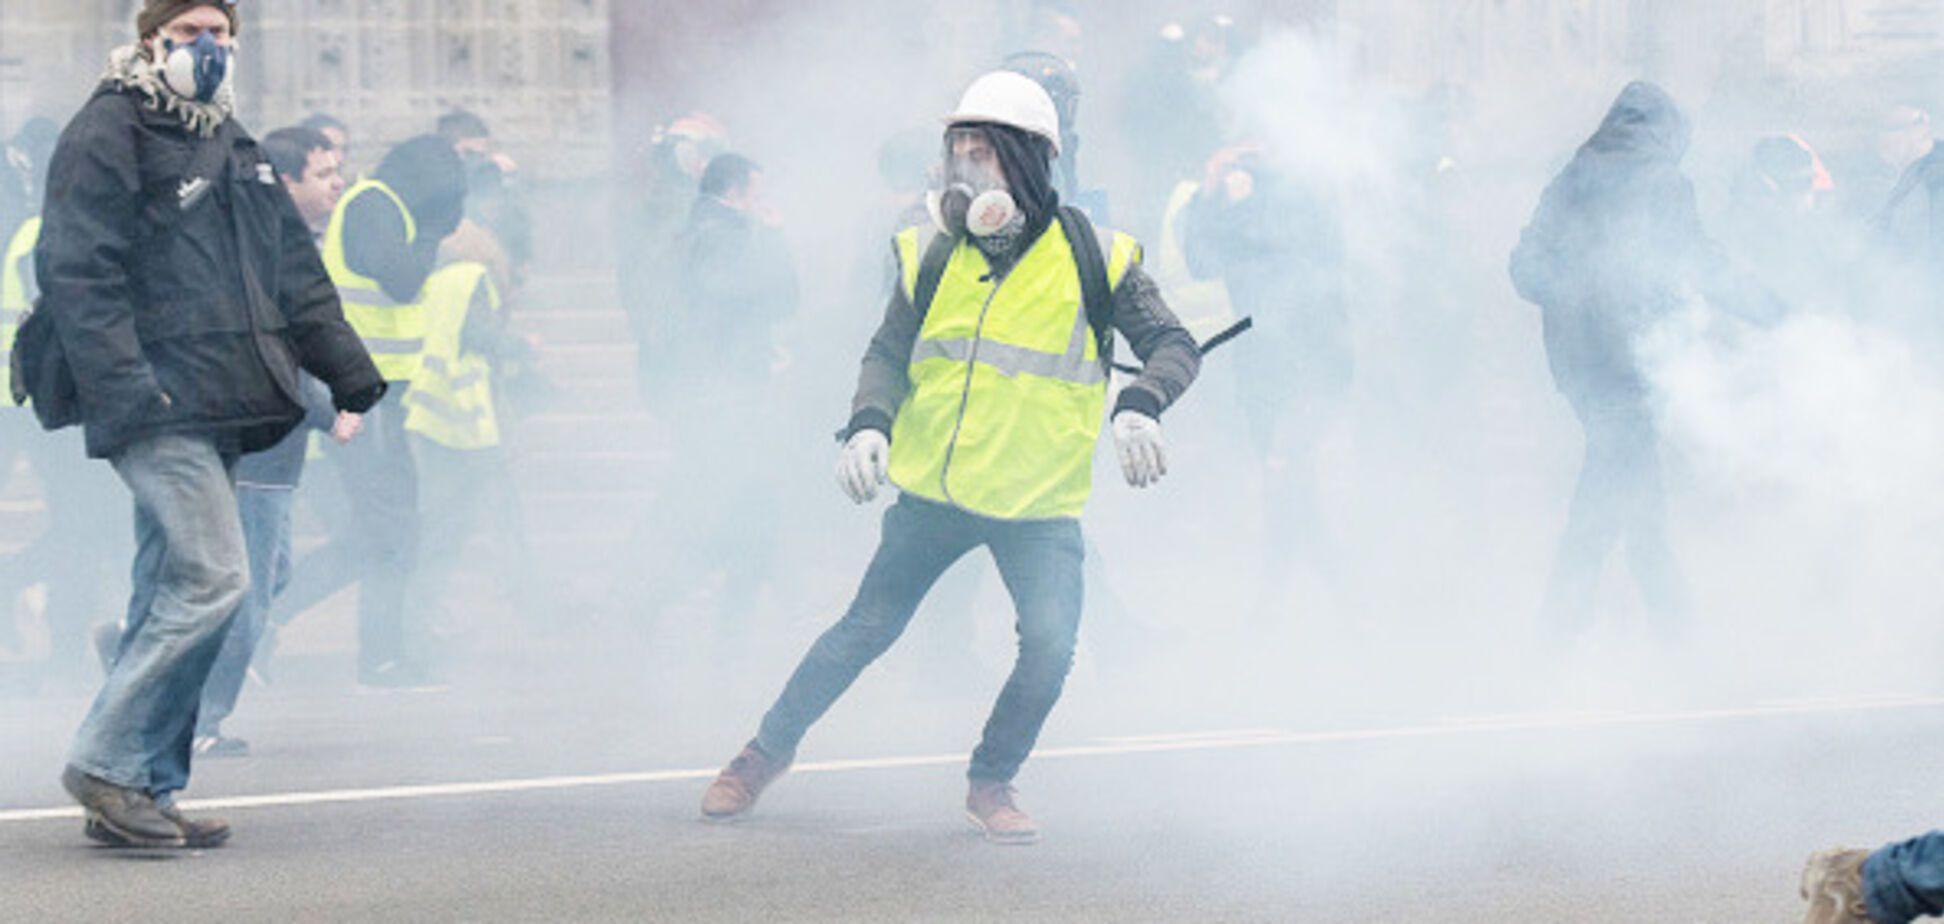 Во Франции вспыхнула новая волна протестов: опубликованы фото и видео